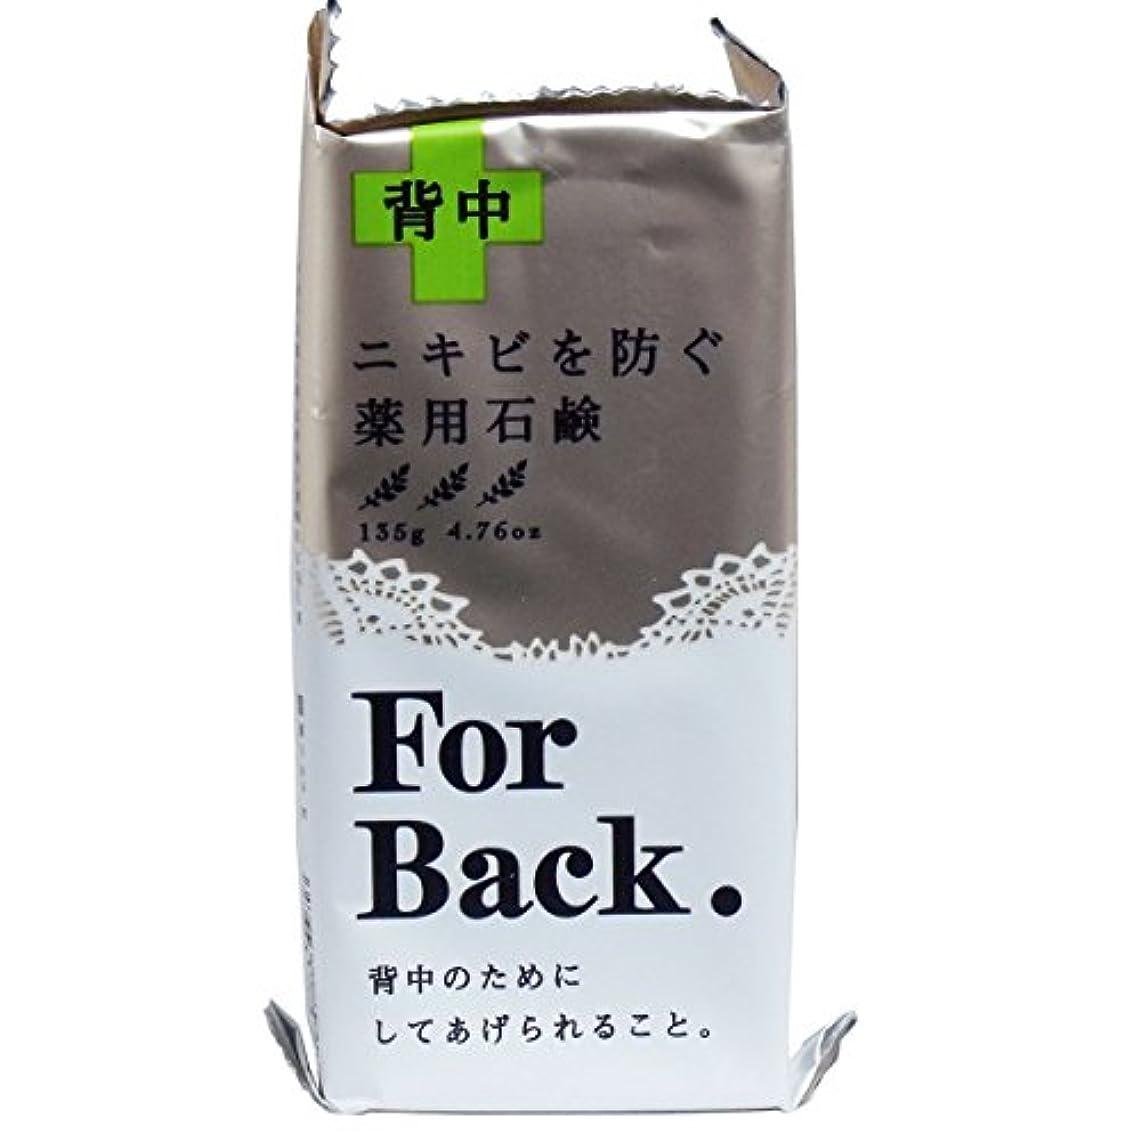 バルブ忌み嫌う伝導薬用石鹸ForBack 135g ×2セット